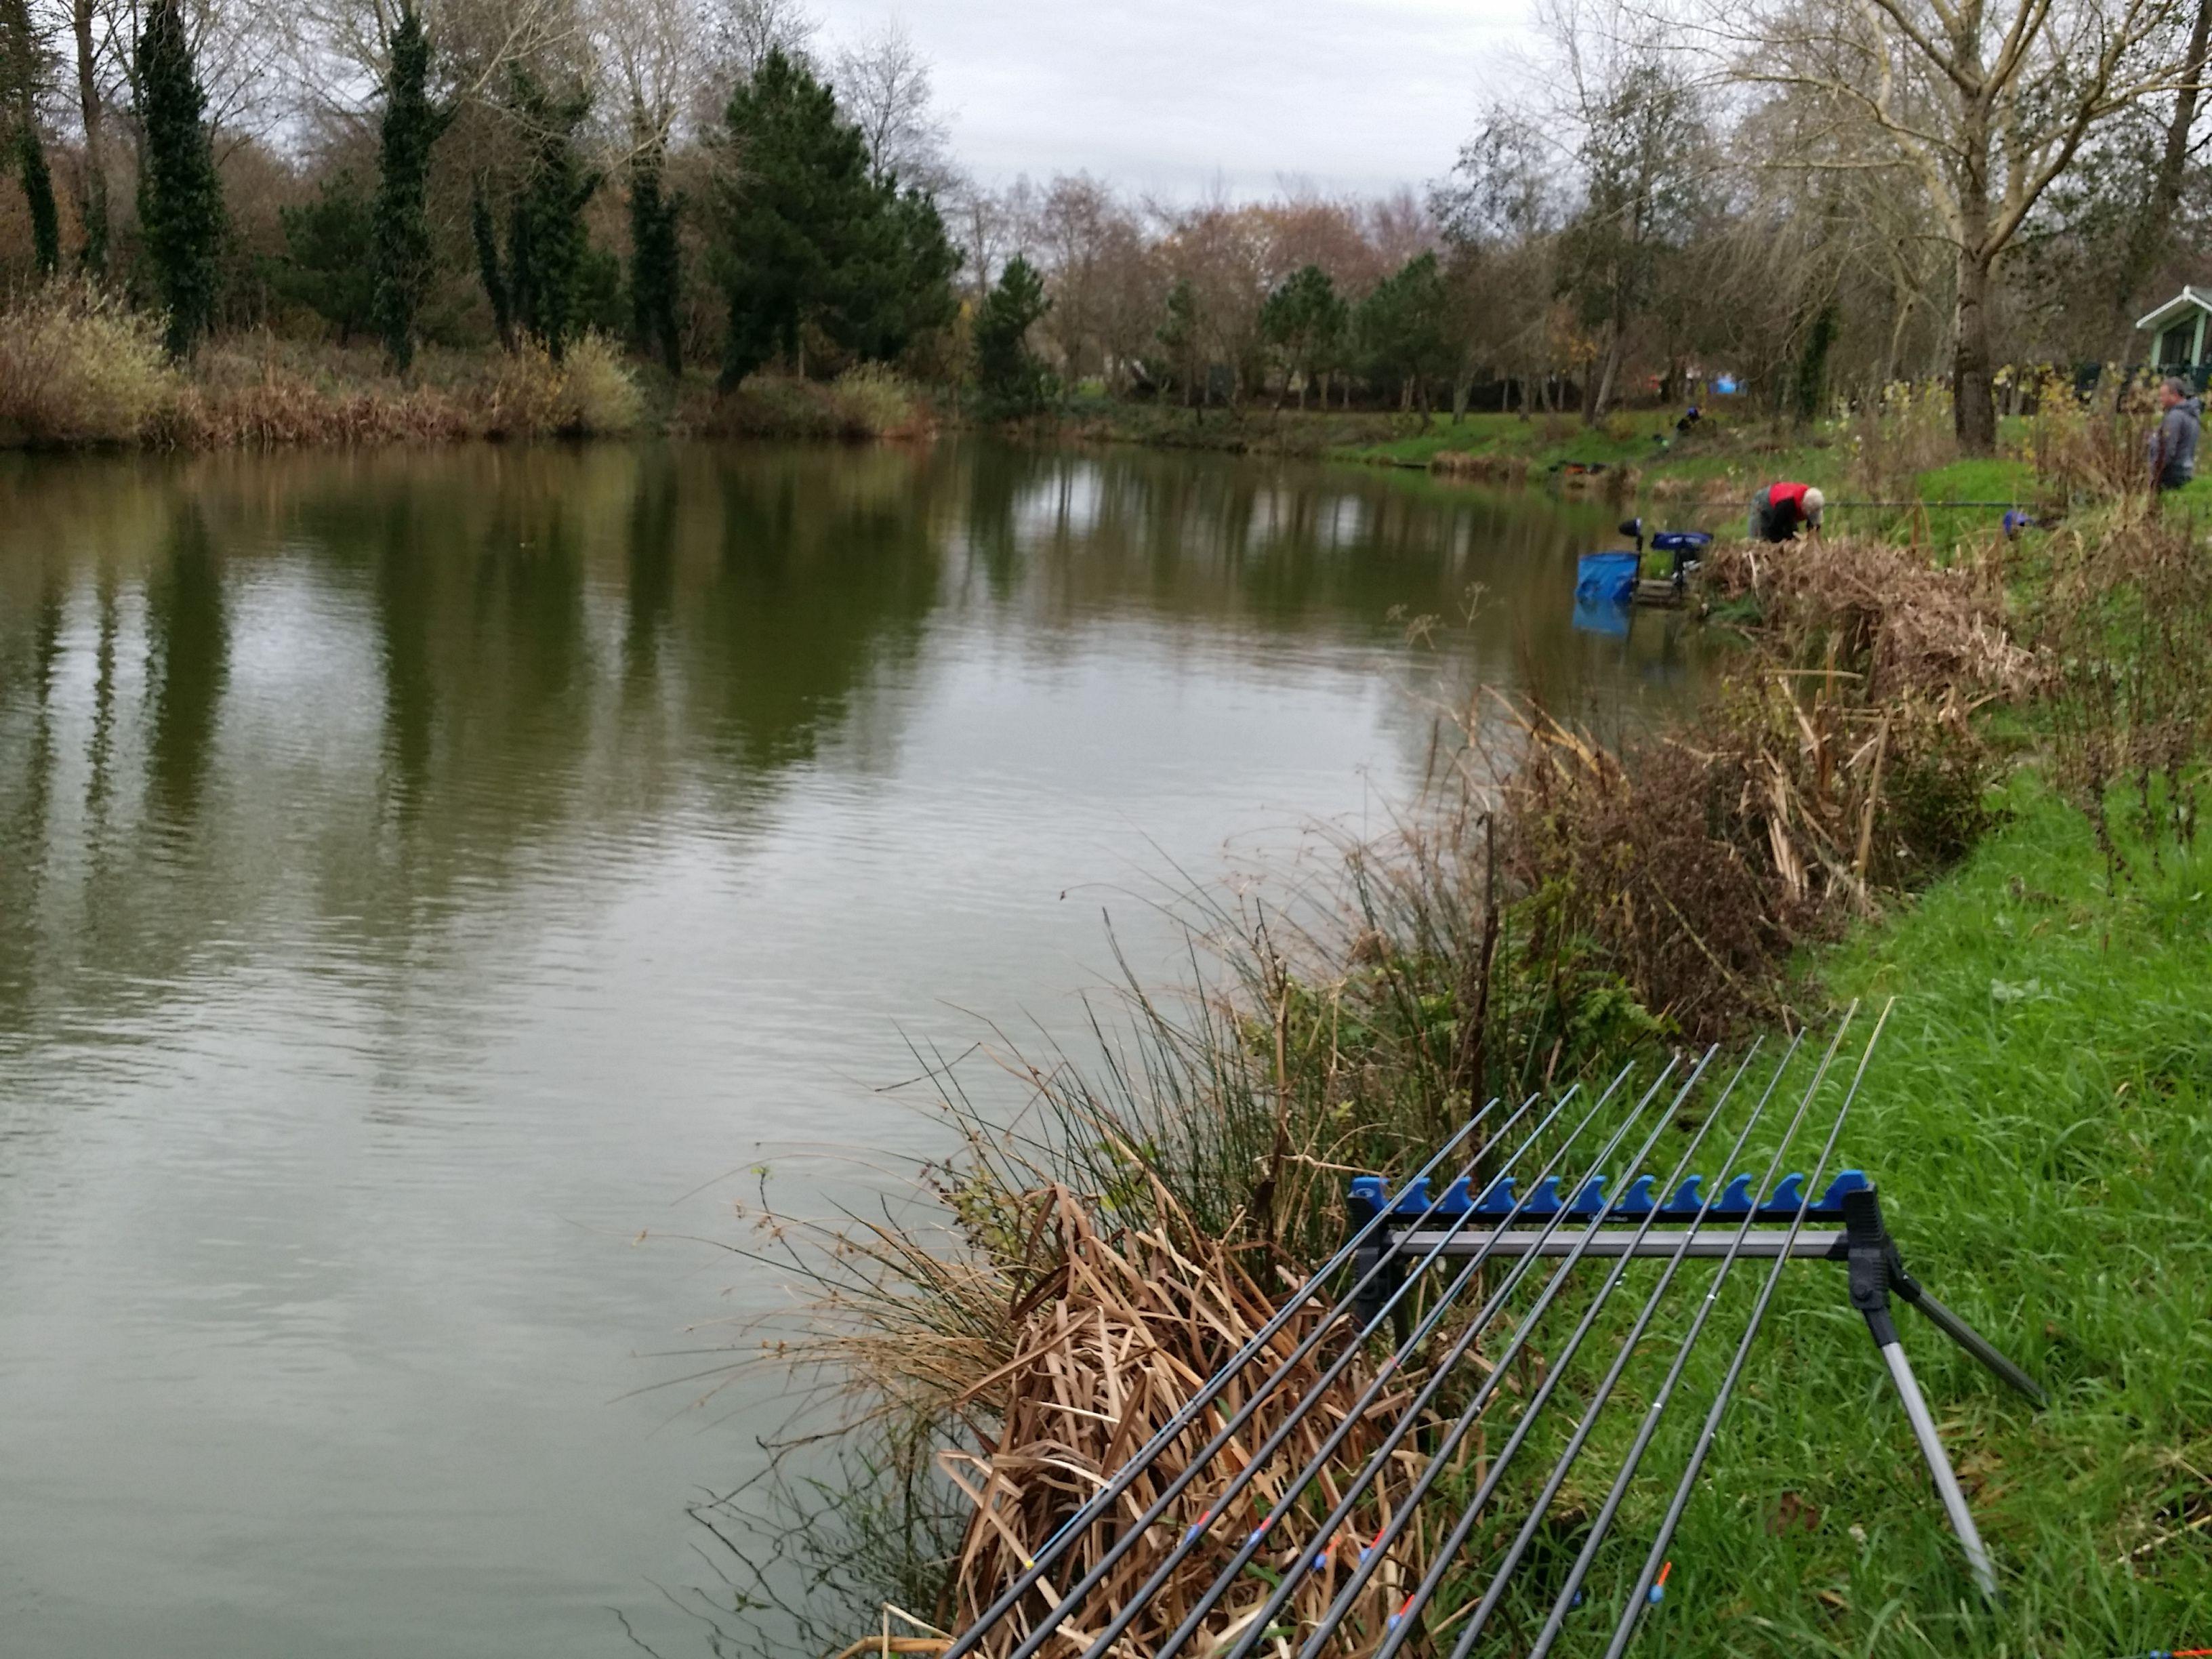 Les cordages pour la pêche sur la rivière de la vidéo-mangeoire